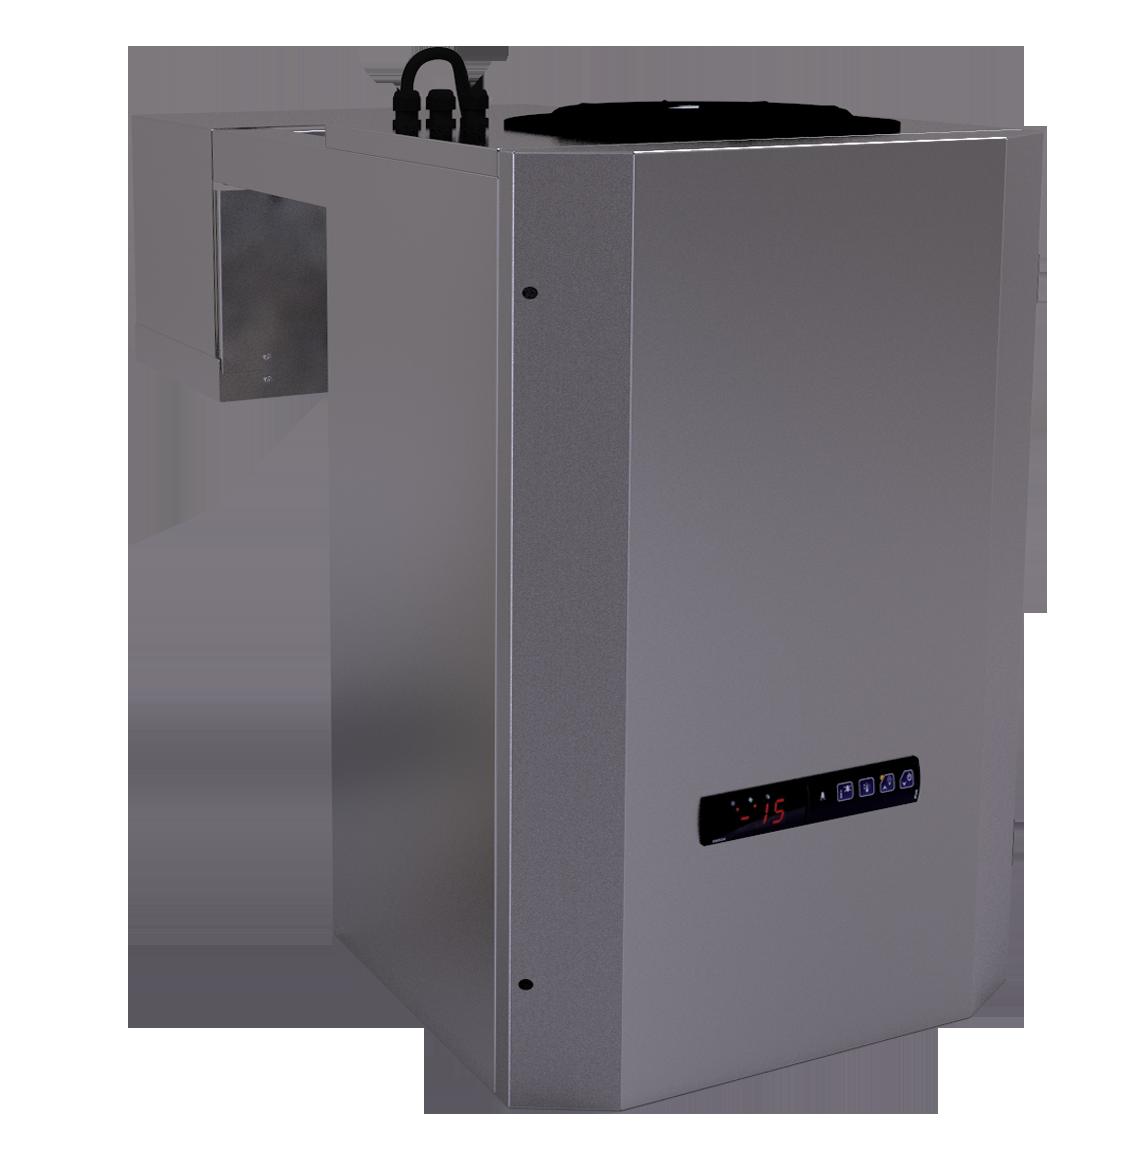 Tiefkühlaggregat Zinser ECO-Line S (früher HPT 20, HPT 30)